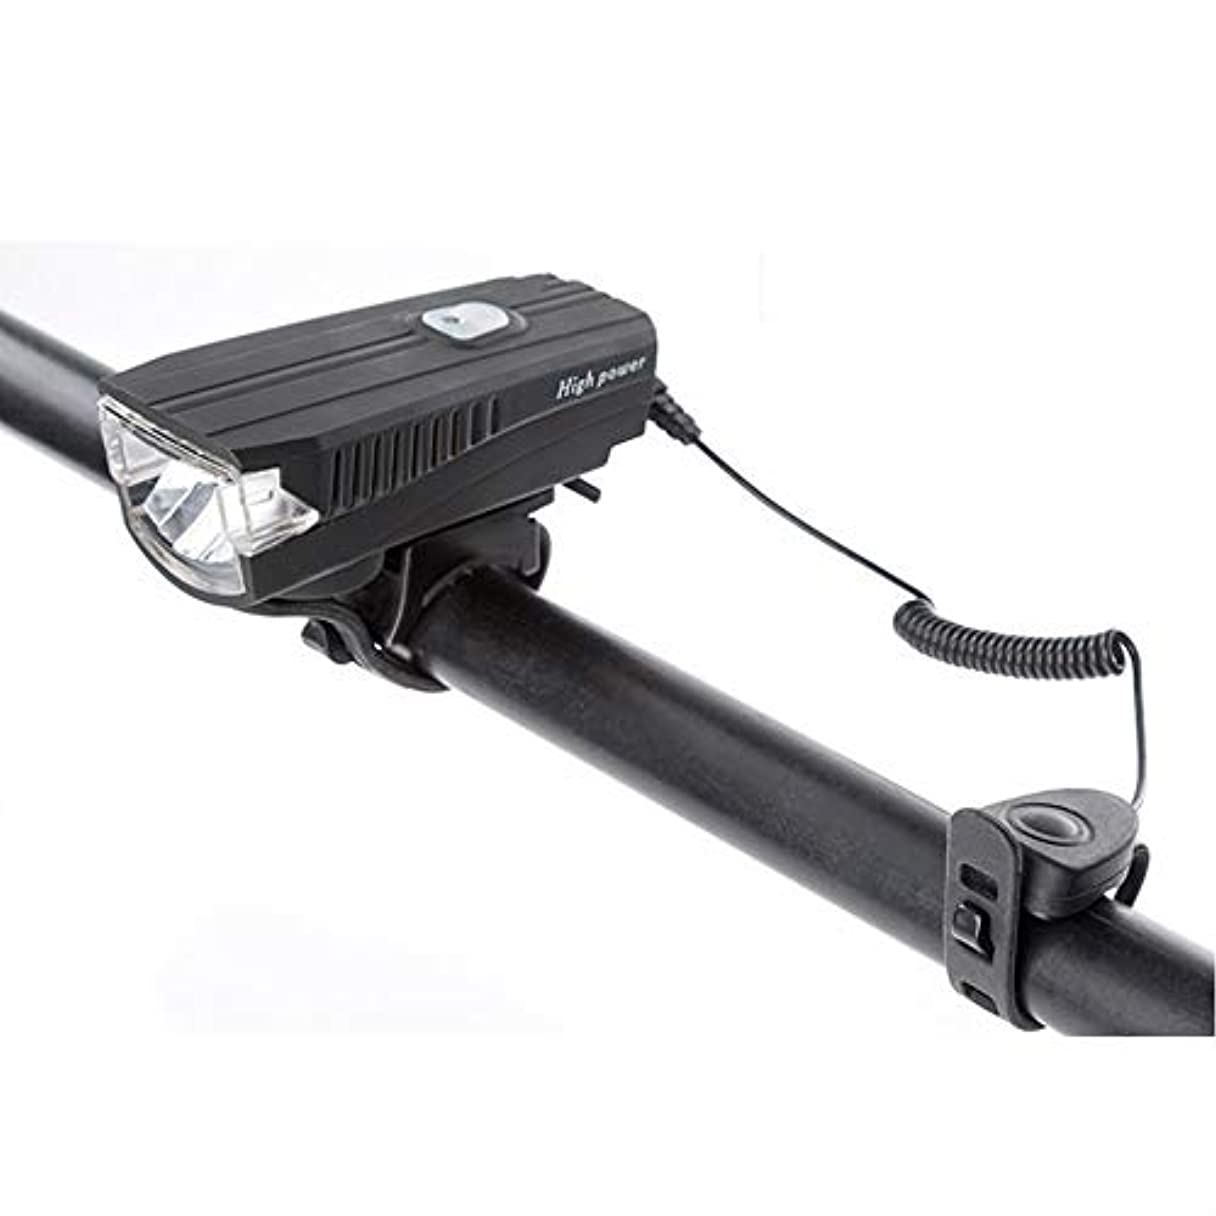 ベースくるみ間違いUSB充電式自転車ライト USB充電式自転車ライトセット、350ルーメンパーフェクトコミューターセーフティフロント - ハイデシベルホーン - マウンテン、ロード、キッズ、シティバイクに対応